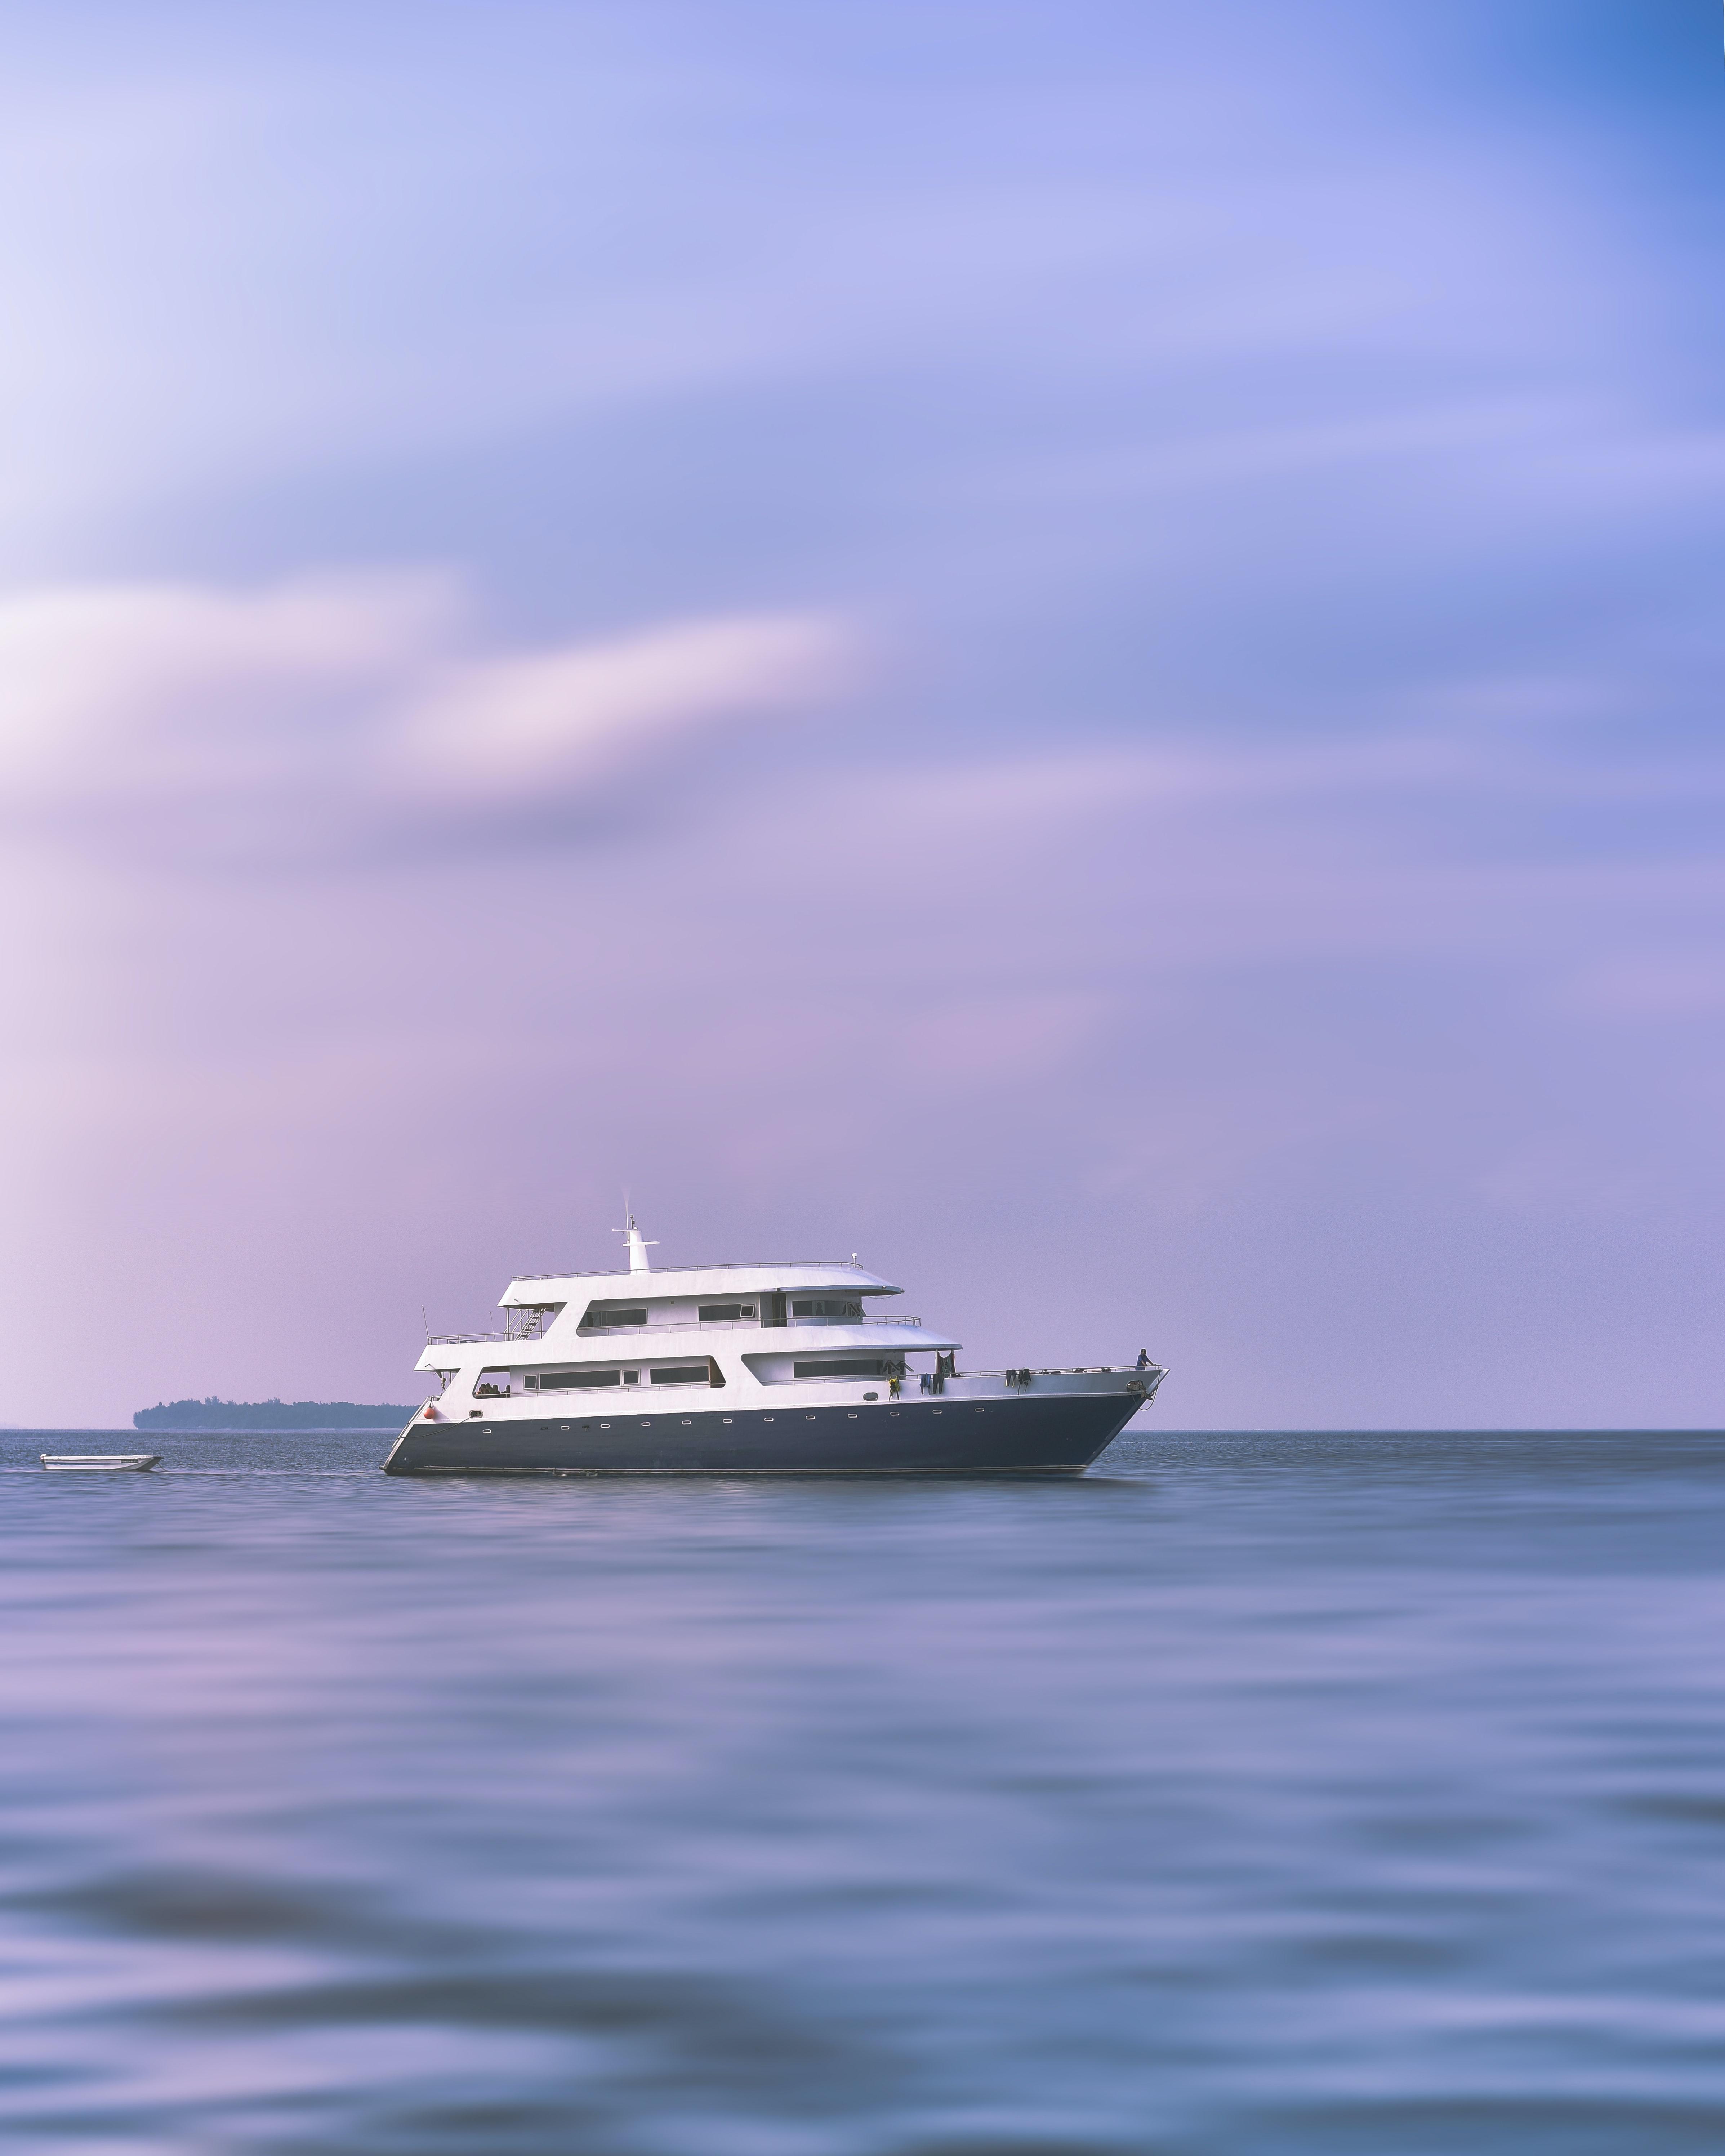 A Cruise at the Maldives